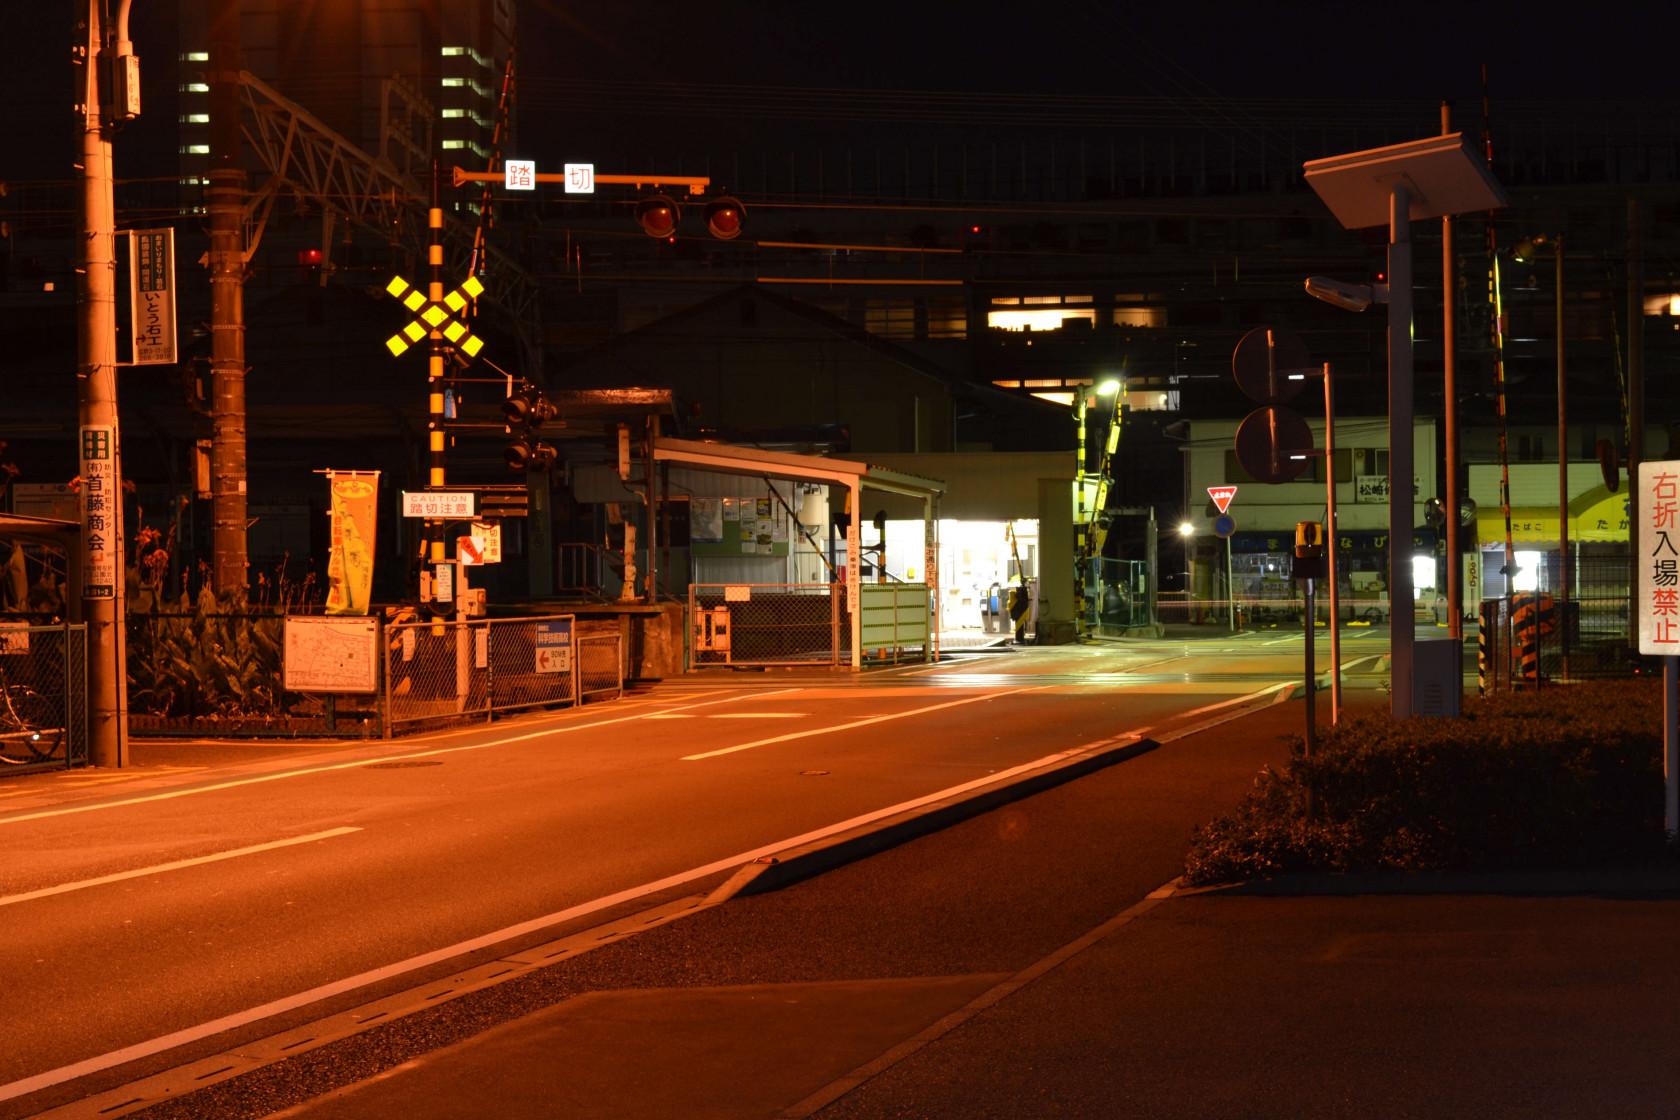 station_at_night.jpg